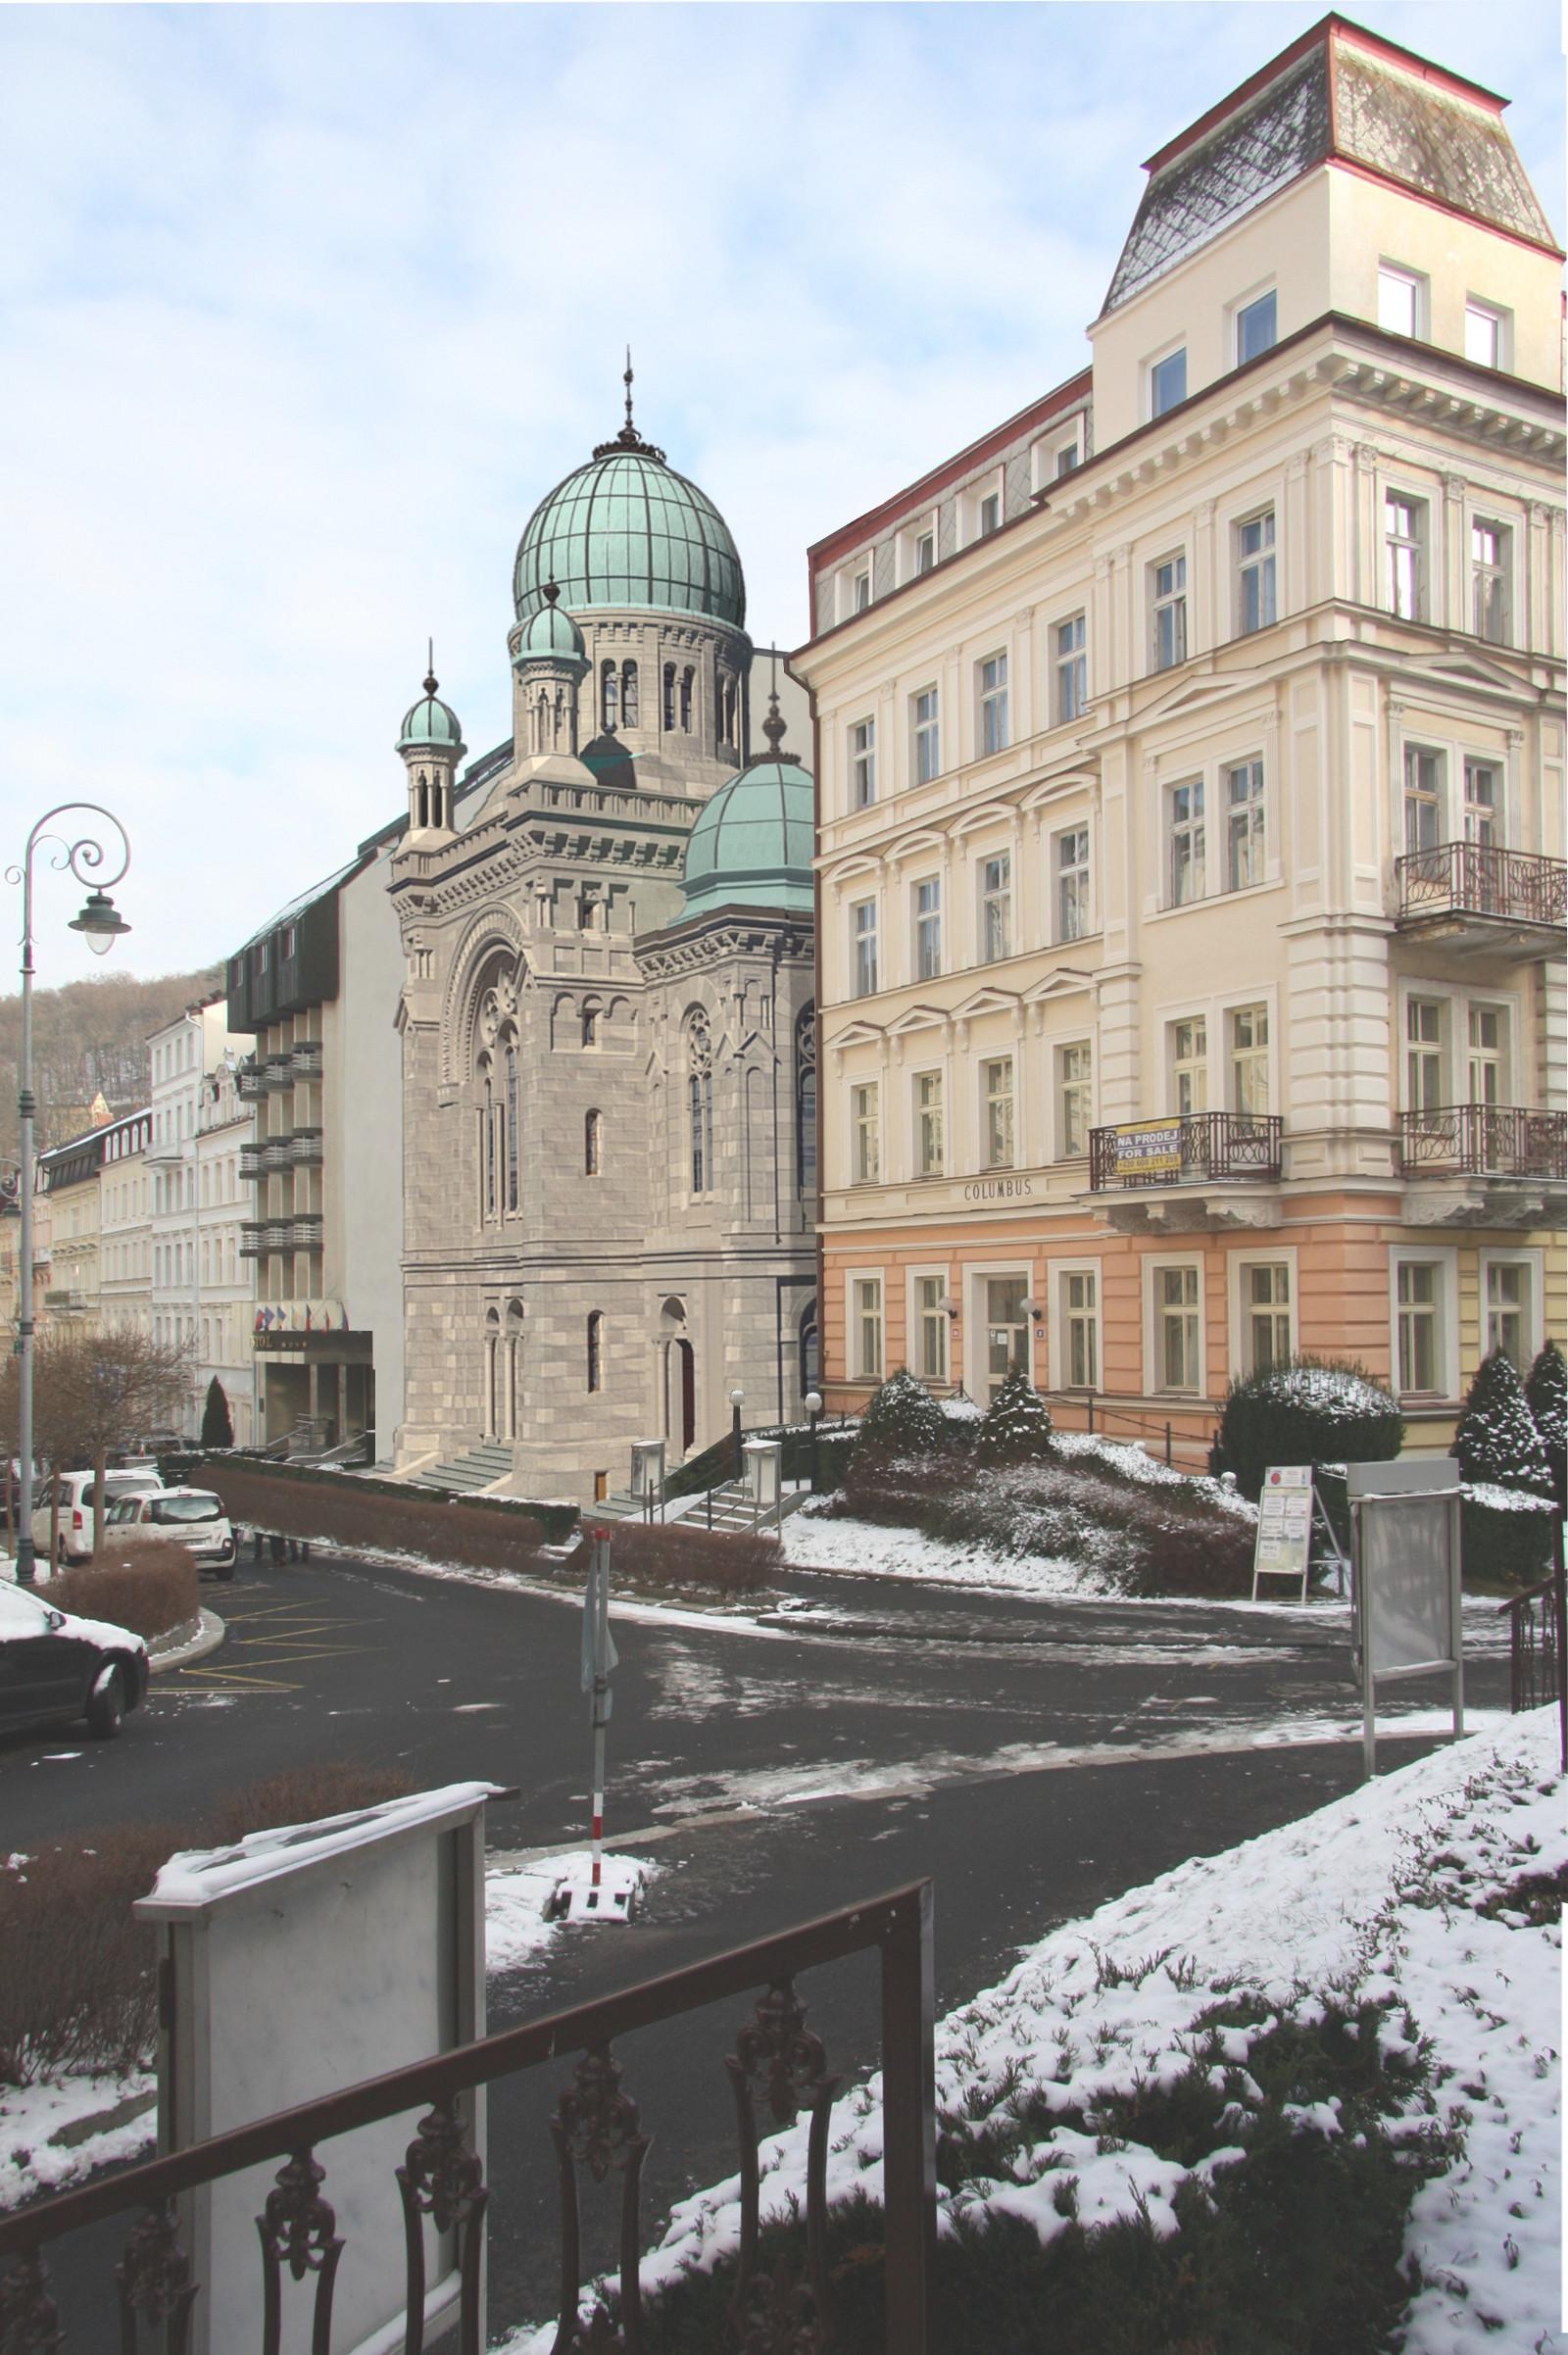 Montage: heutige städtebauliche Situation (Frühjahr 2019) mit rekonstruierter Synagoge